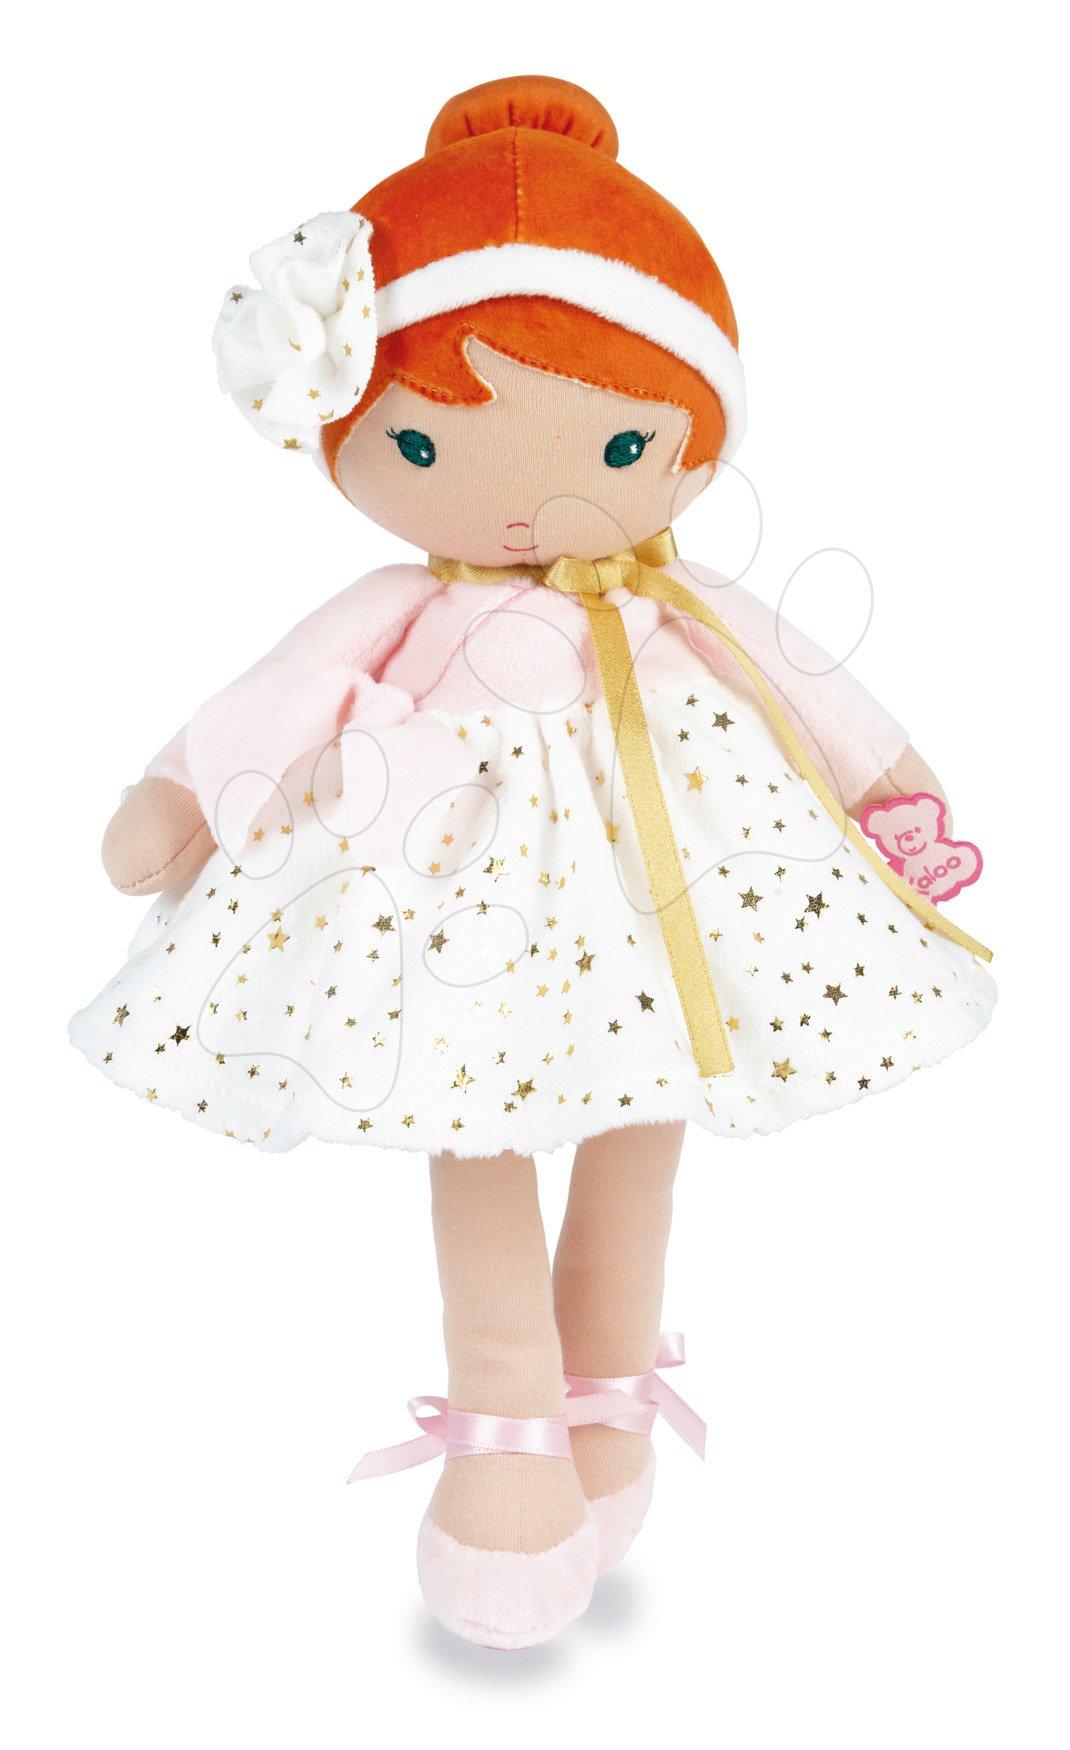 Bábika pre bábätká Valentine K Doll Tendresse Kaloo 25 cm vo hviezdičkových šatách z jemného textilu v darčekovom balení od 0 mes